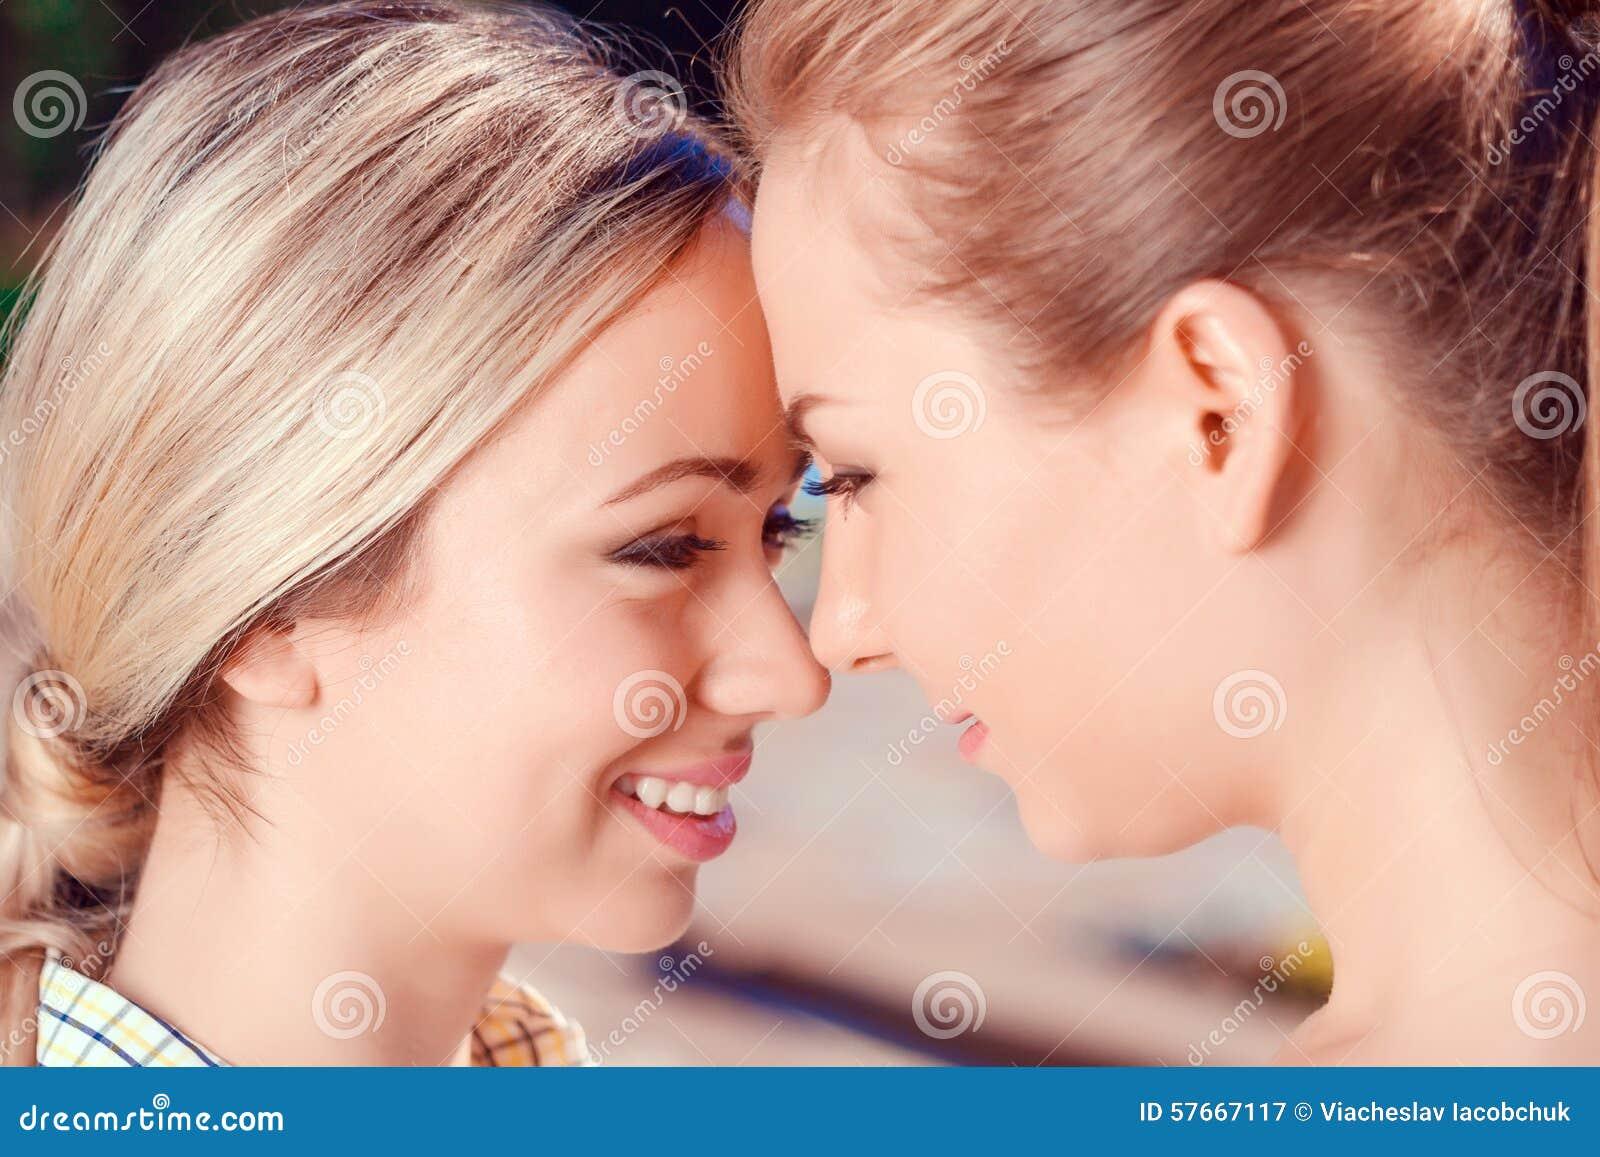 Lesbian free first lick